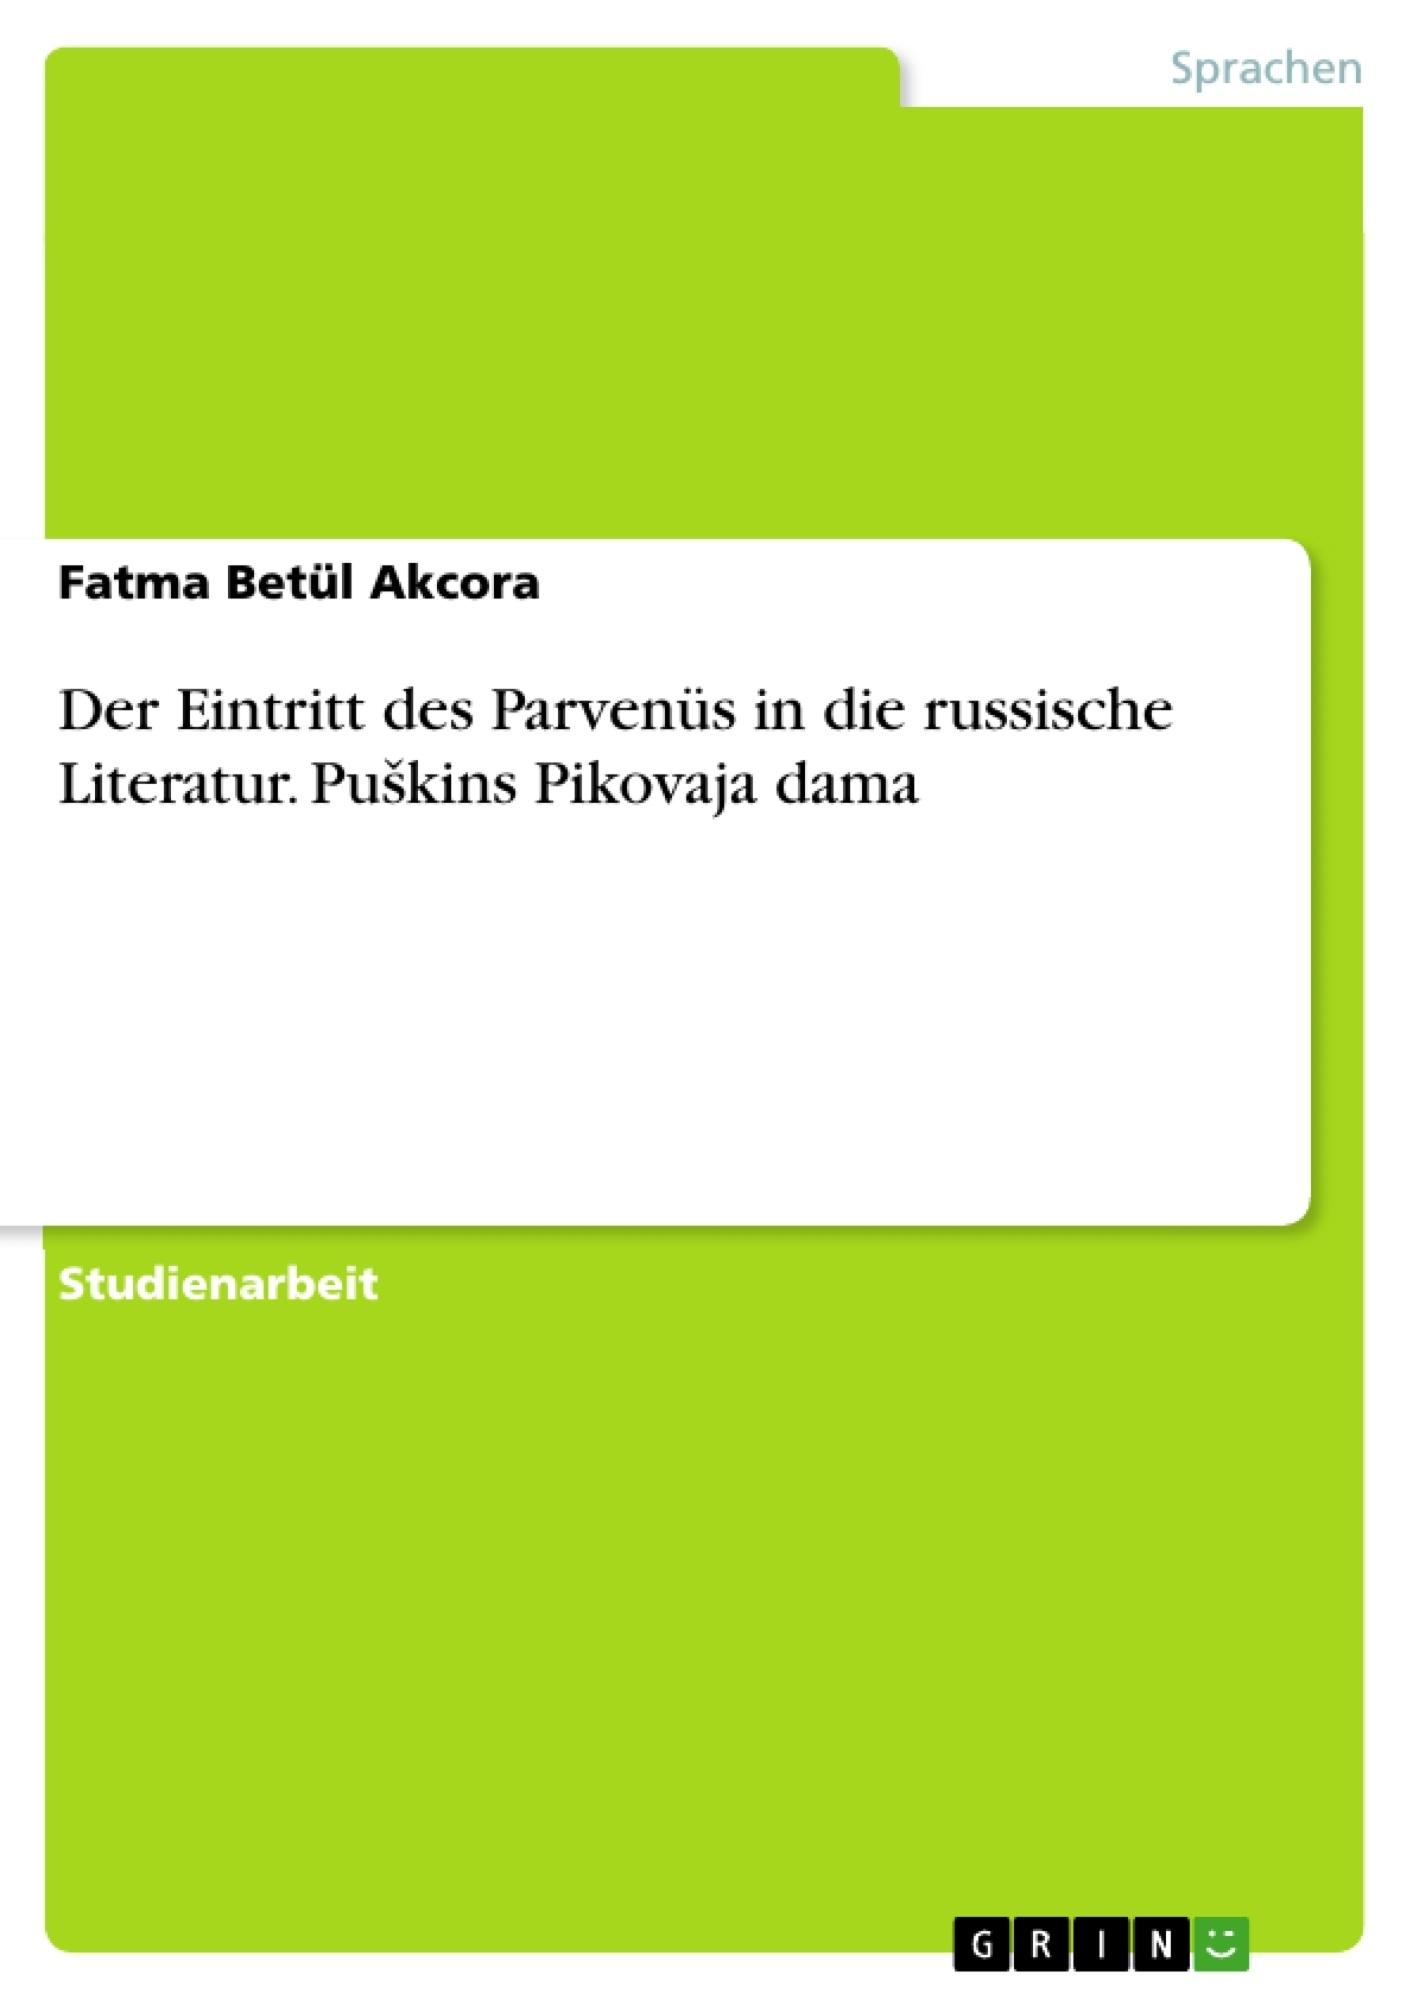 Titel: Der Eintritt des Parvenüs in die russische Literatur. Puškins Pikovaja dama